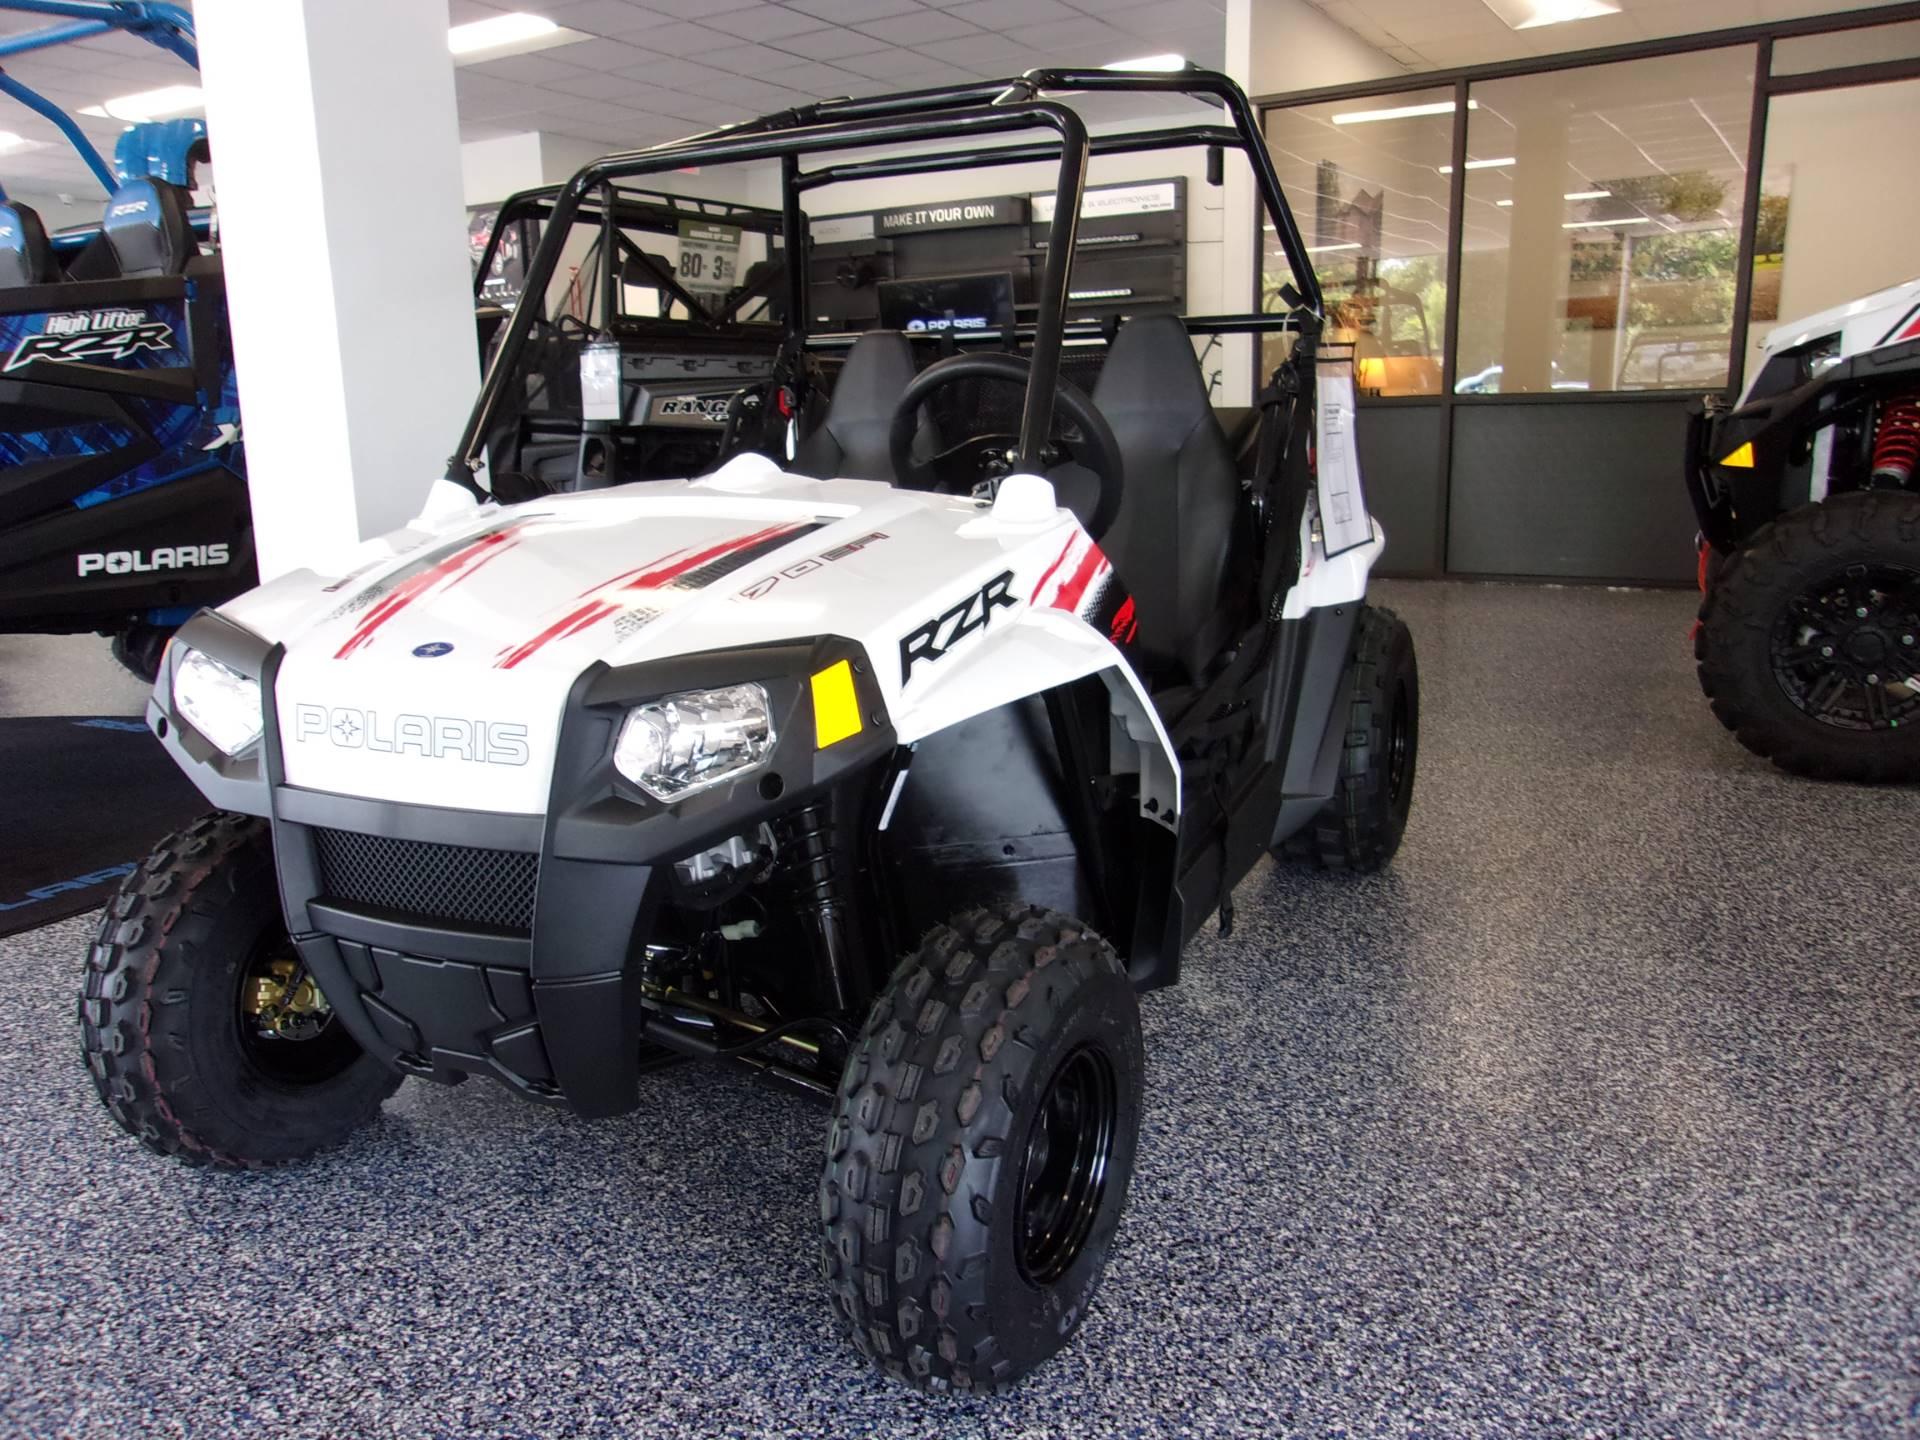 2017 Polaris RZR 170 EFI 1